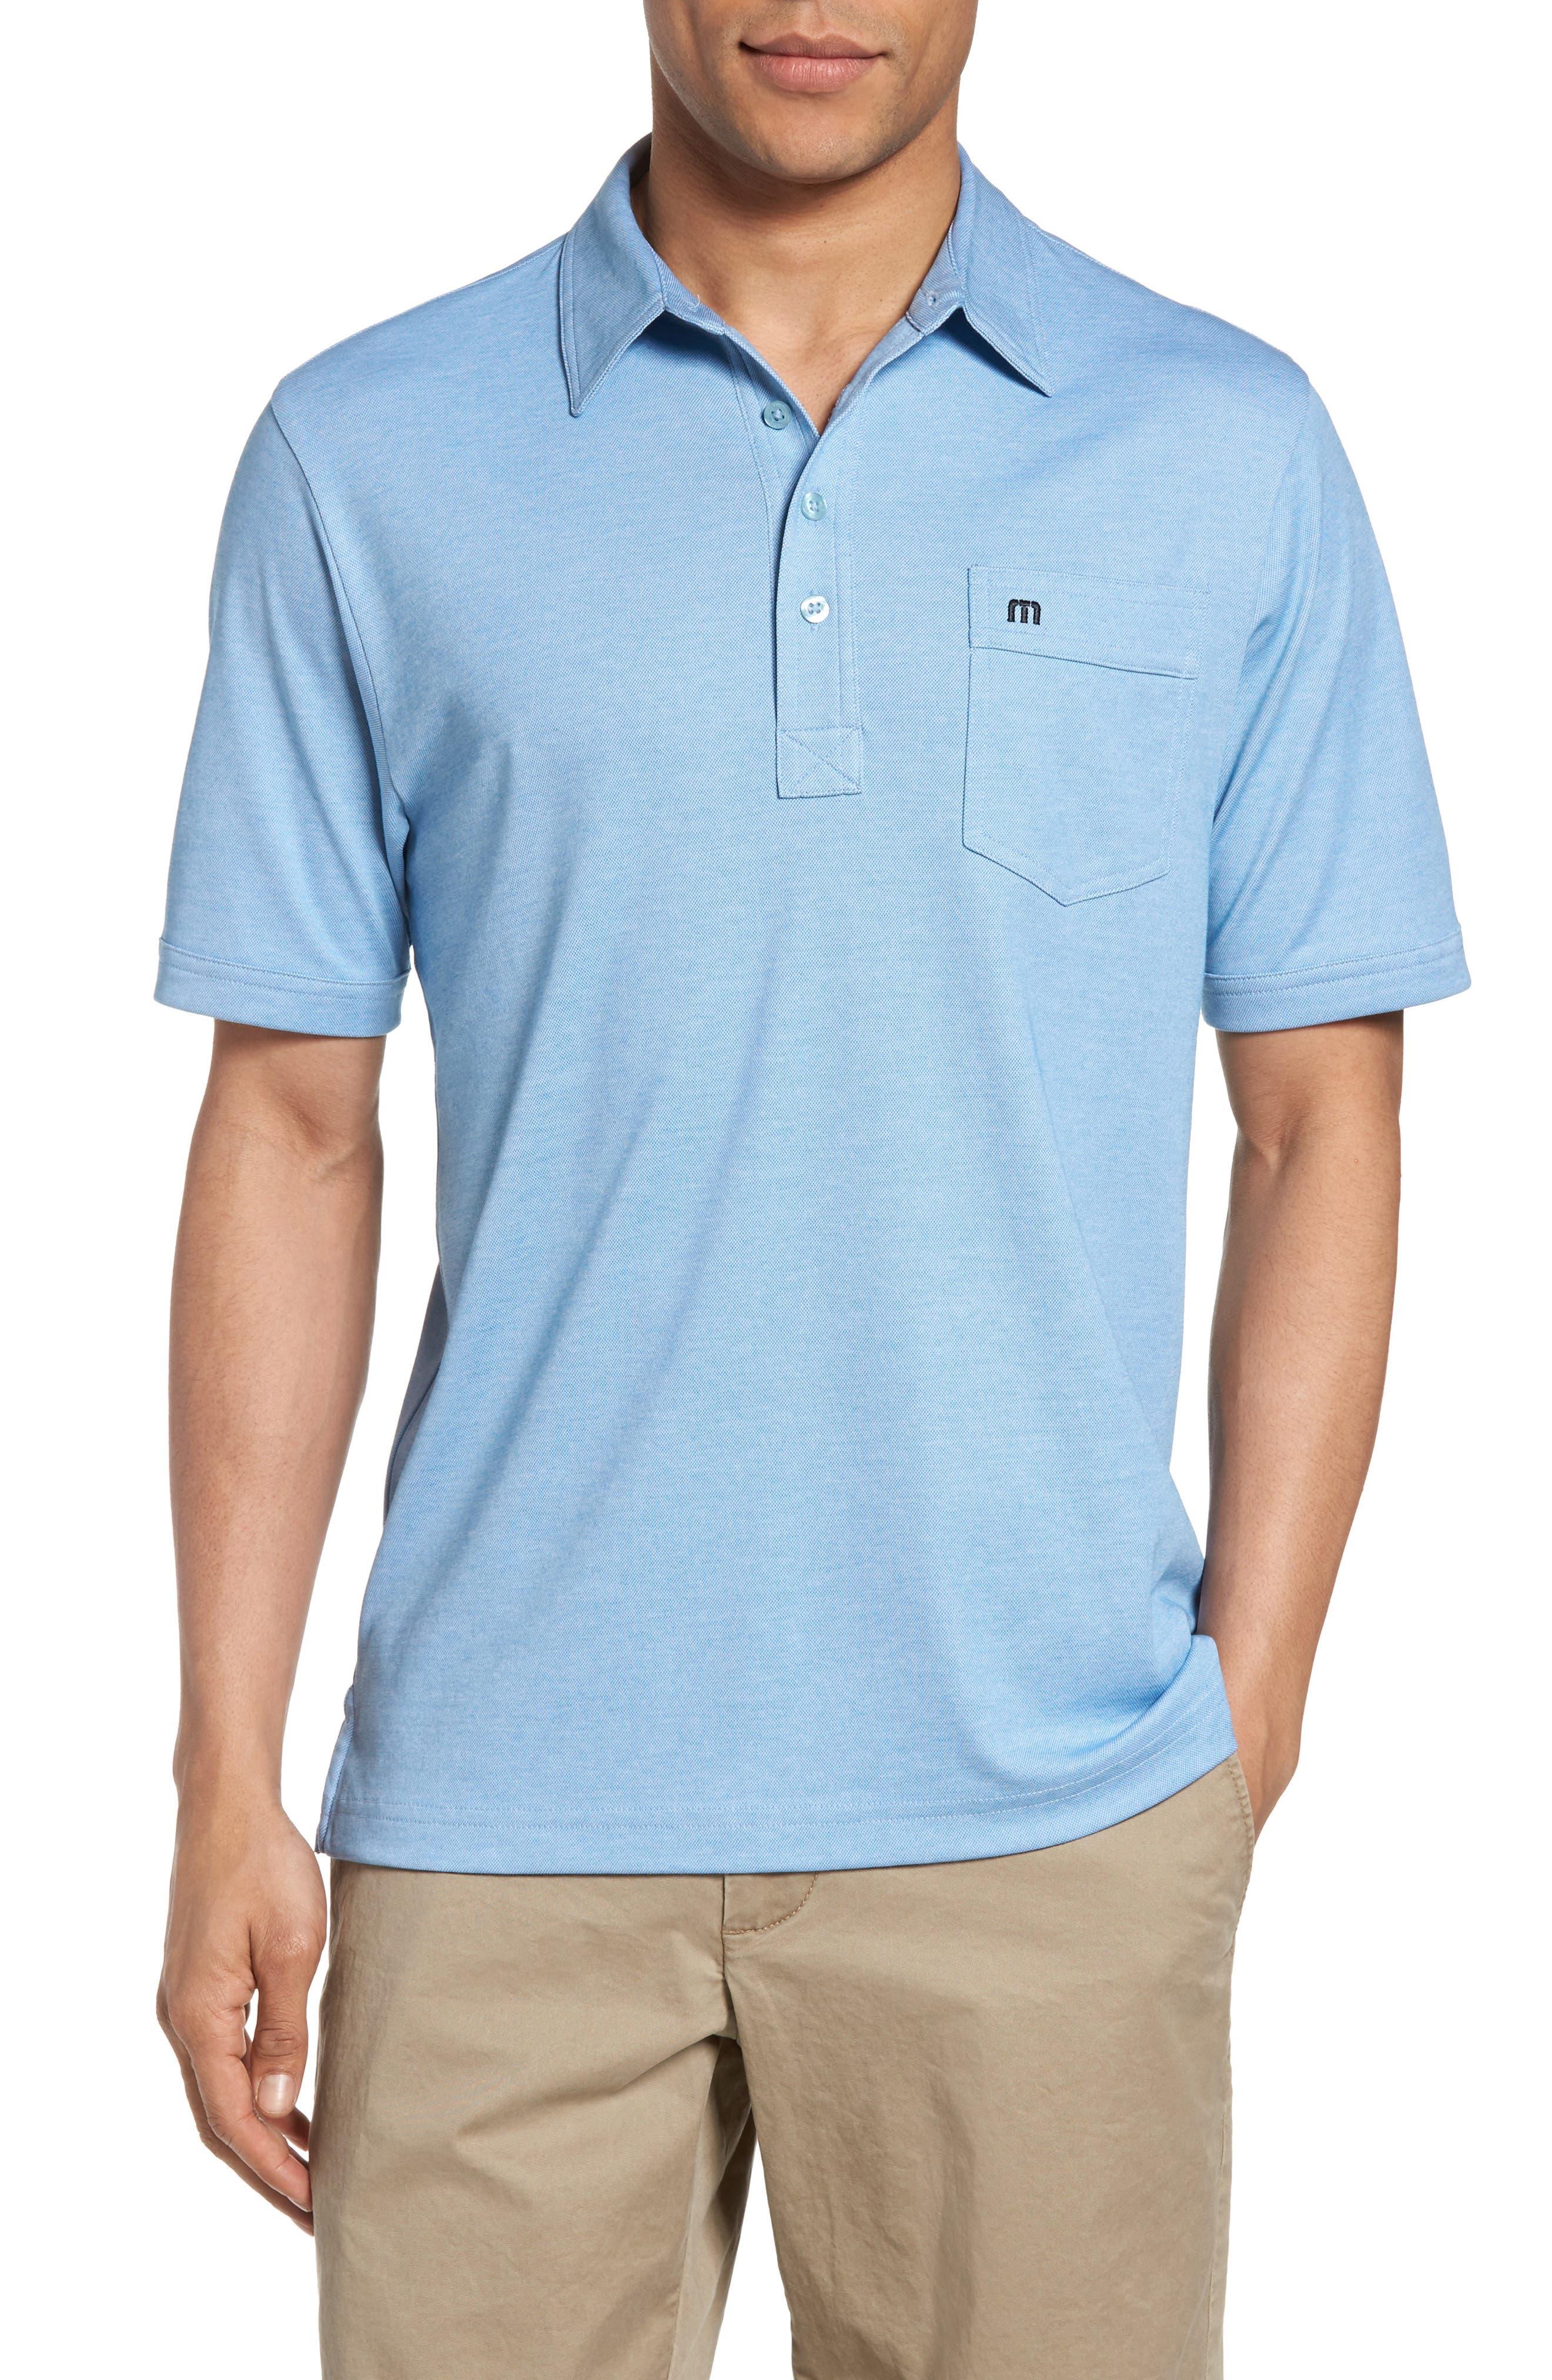 Marra Polo,                         Main,                         color, Cendre Blue White